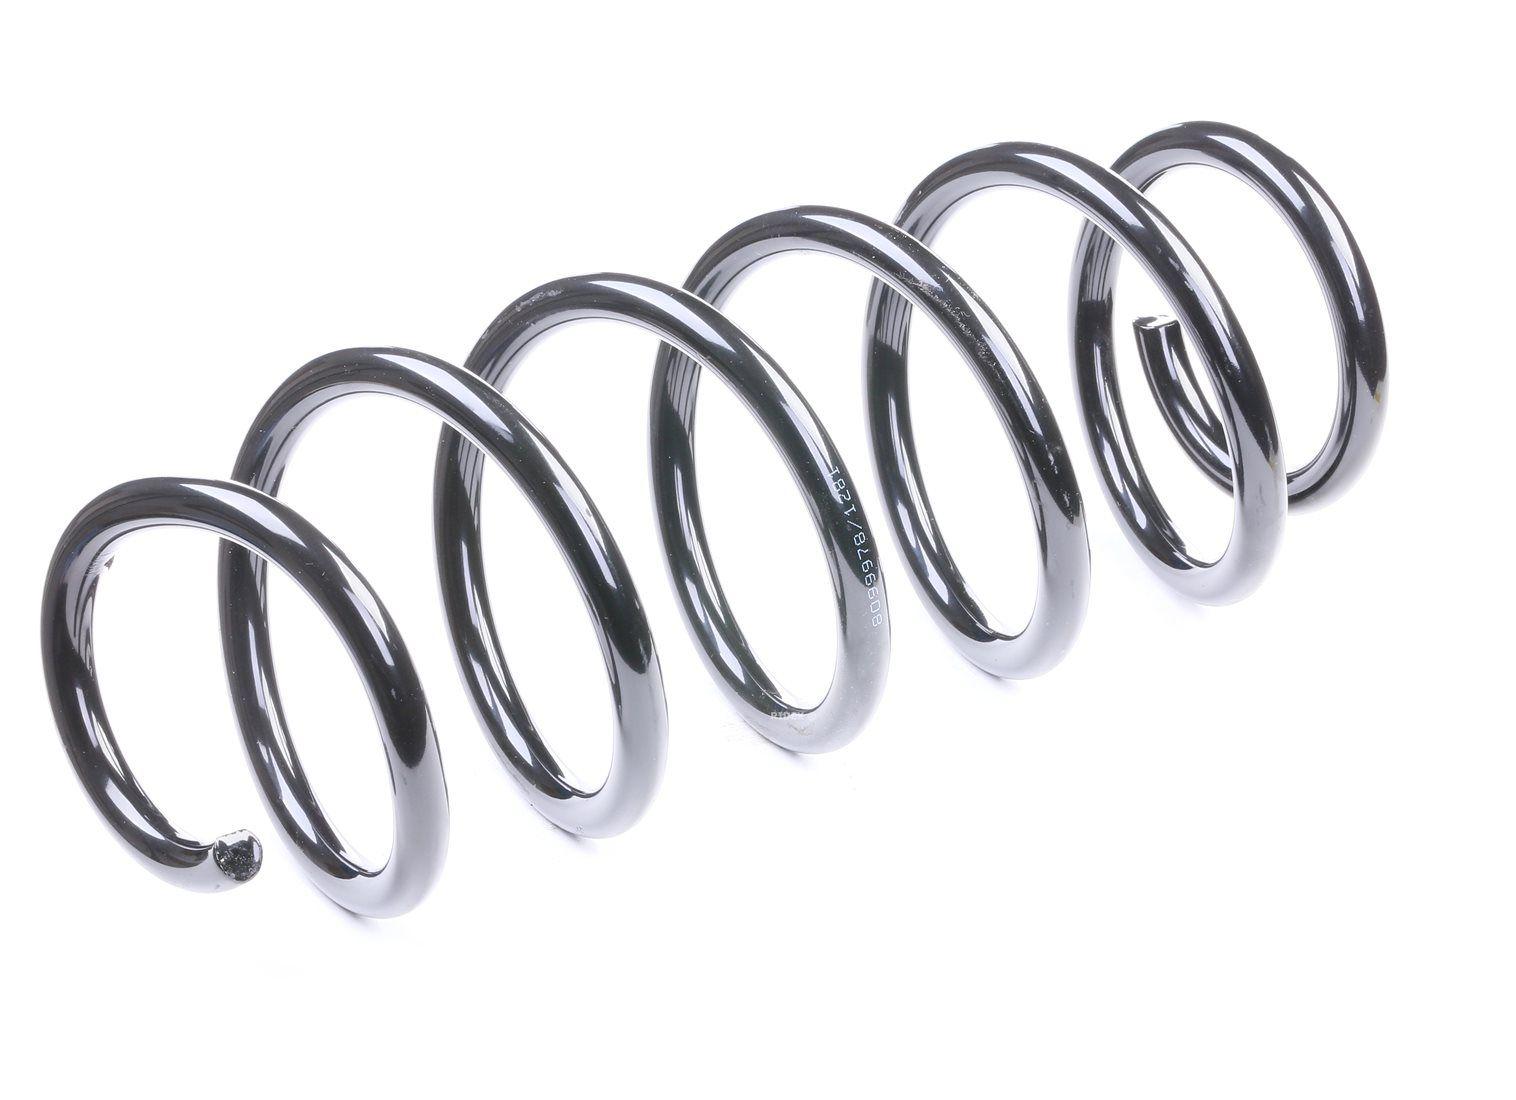 Origine Ressort de suspension RIDEX 188C0086 (Longueur: 356mm, Longueur: 356mm, Ø: 144mm, Épaisseur: 13,8mm)